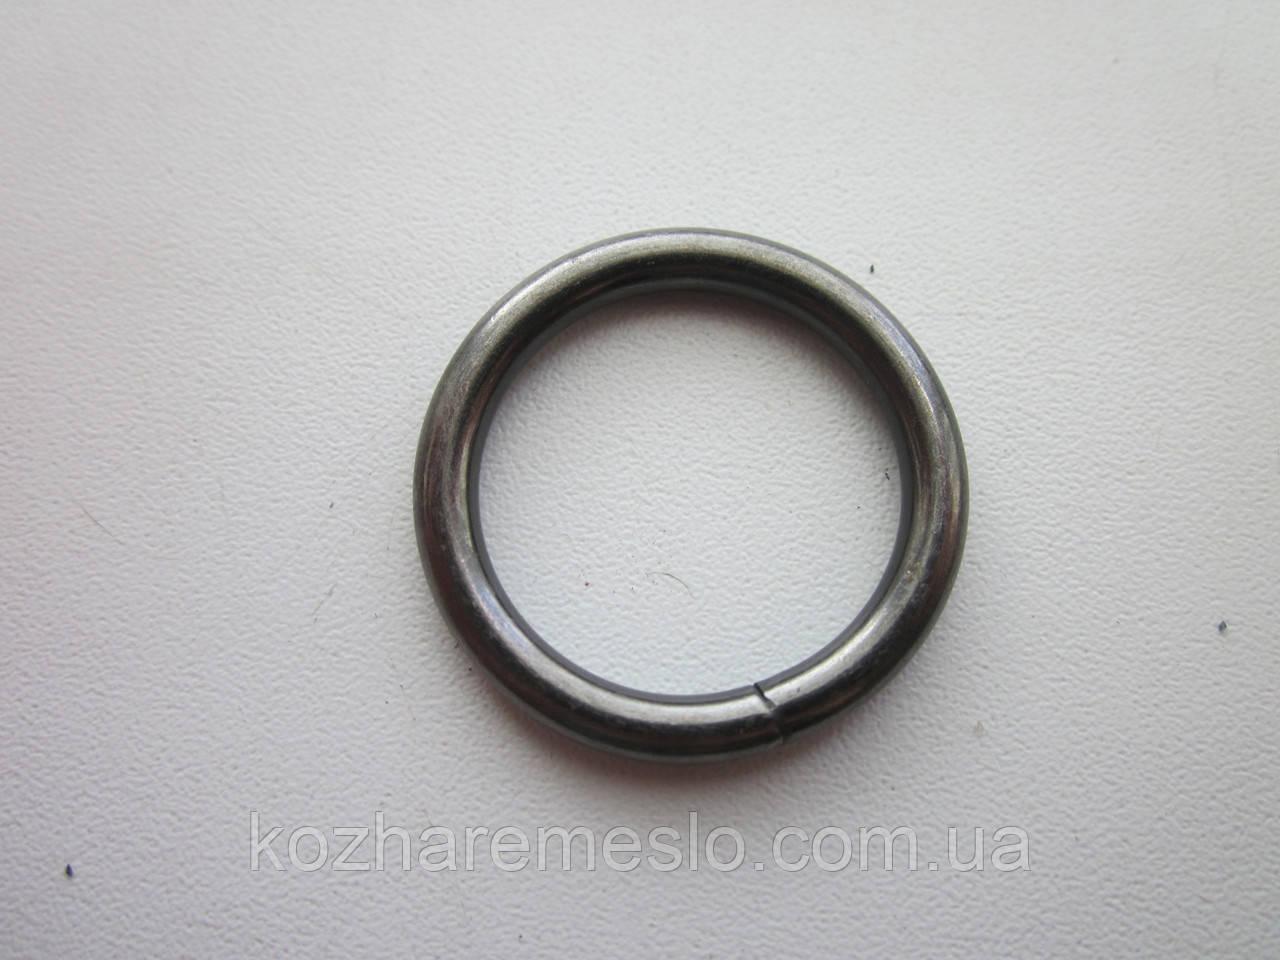 Кольцо проволочное 4  х 25 мм тёмный никель